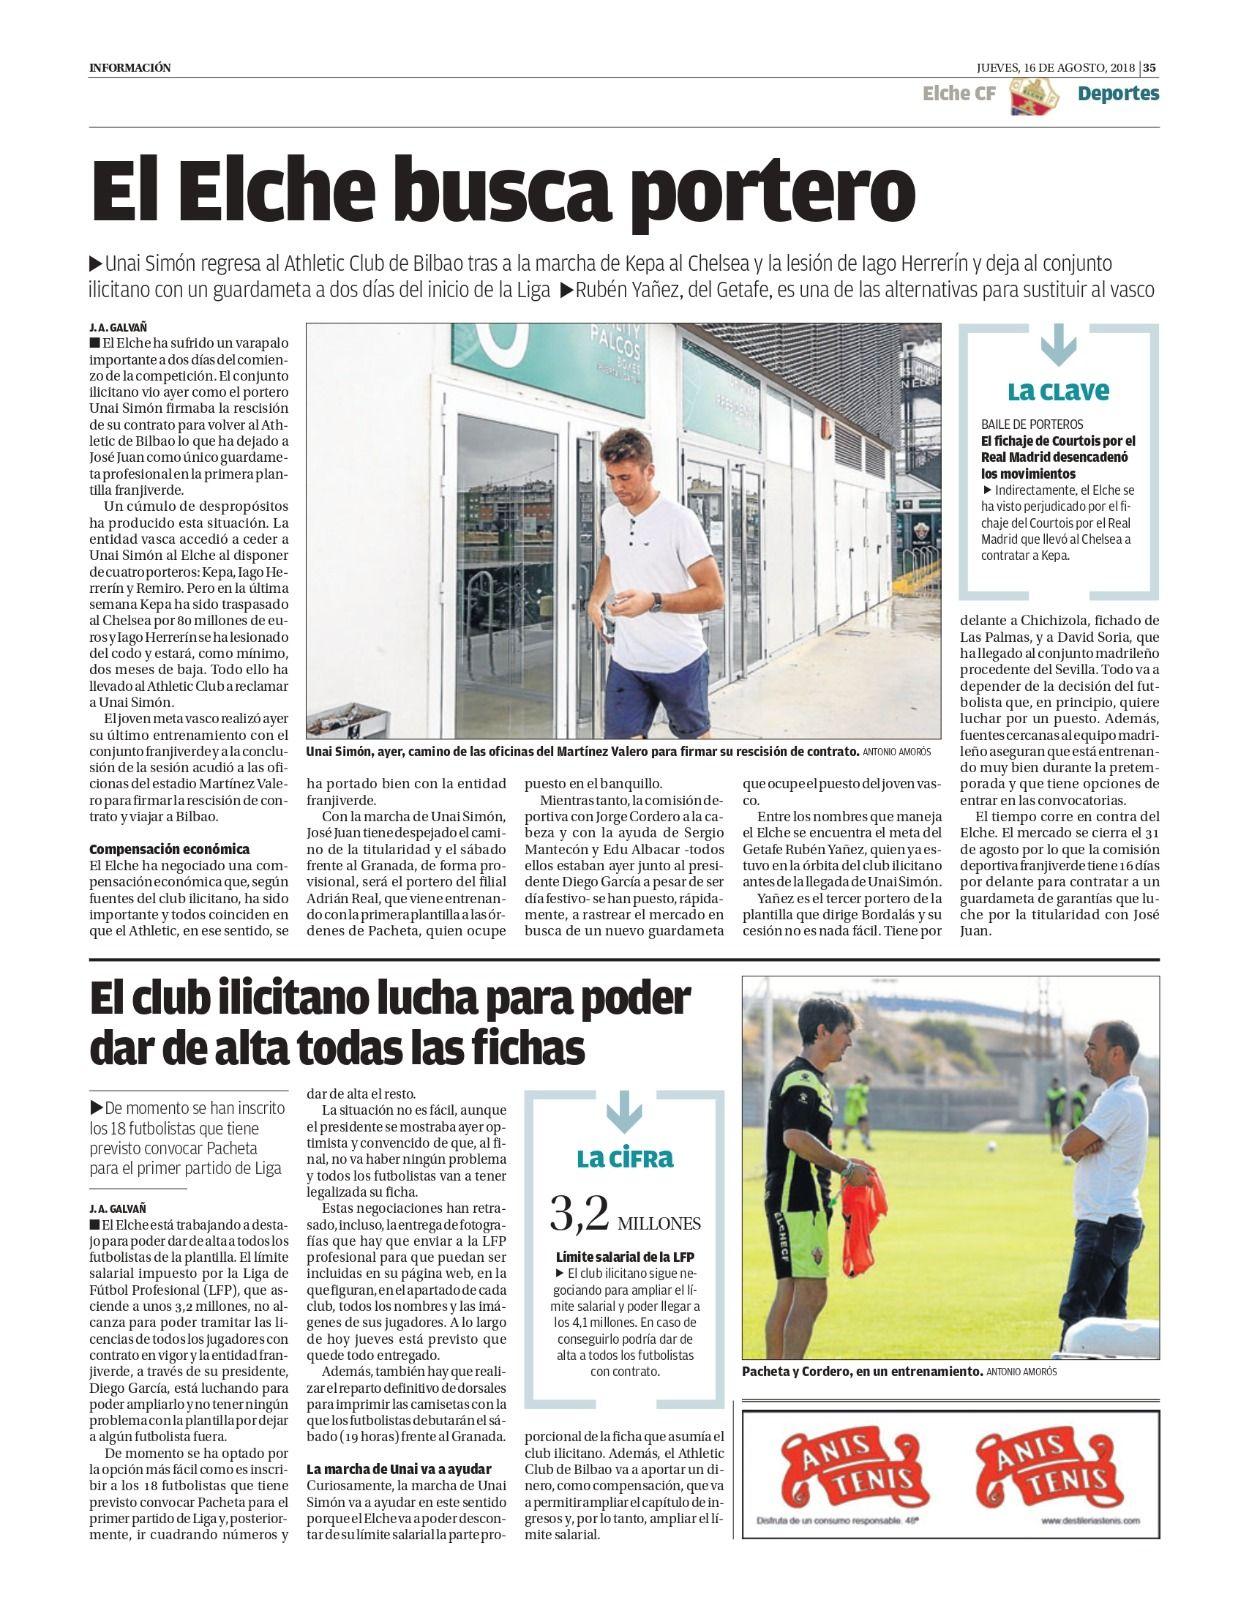 Los 19 días de Unai Simón como jugador del Elche CF